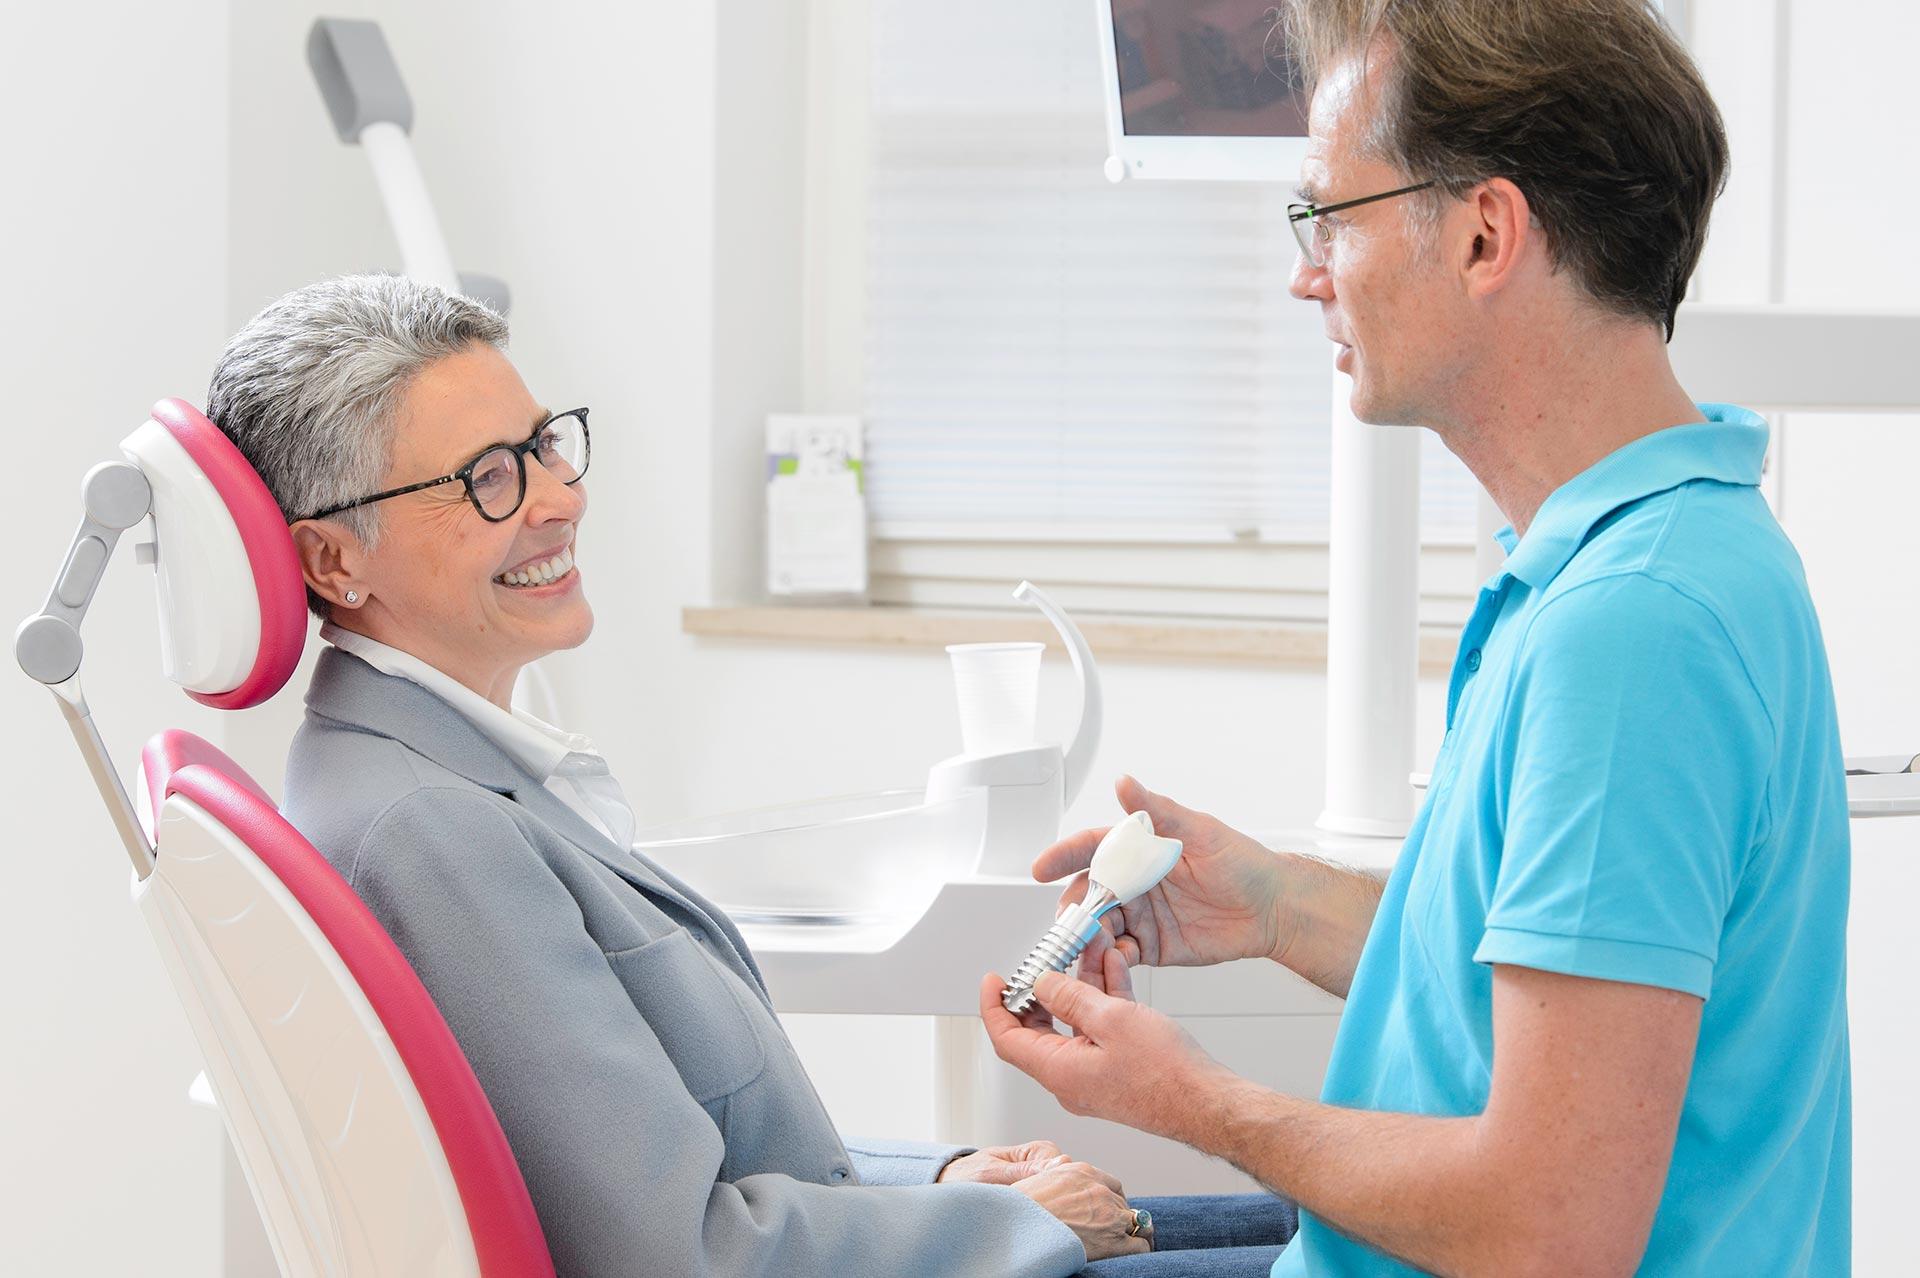 Implantate sichern Ihre Lebensqualität